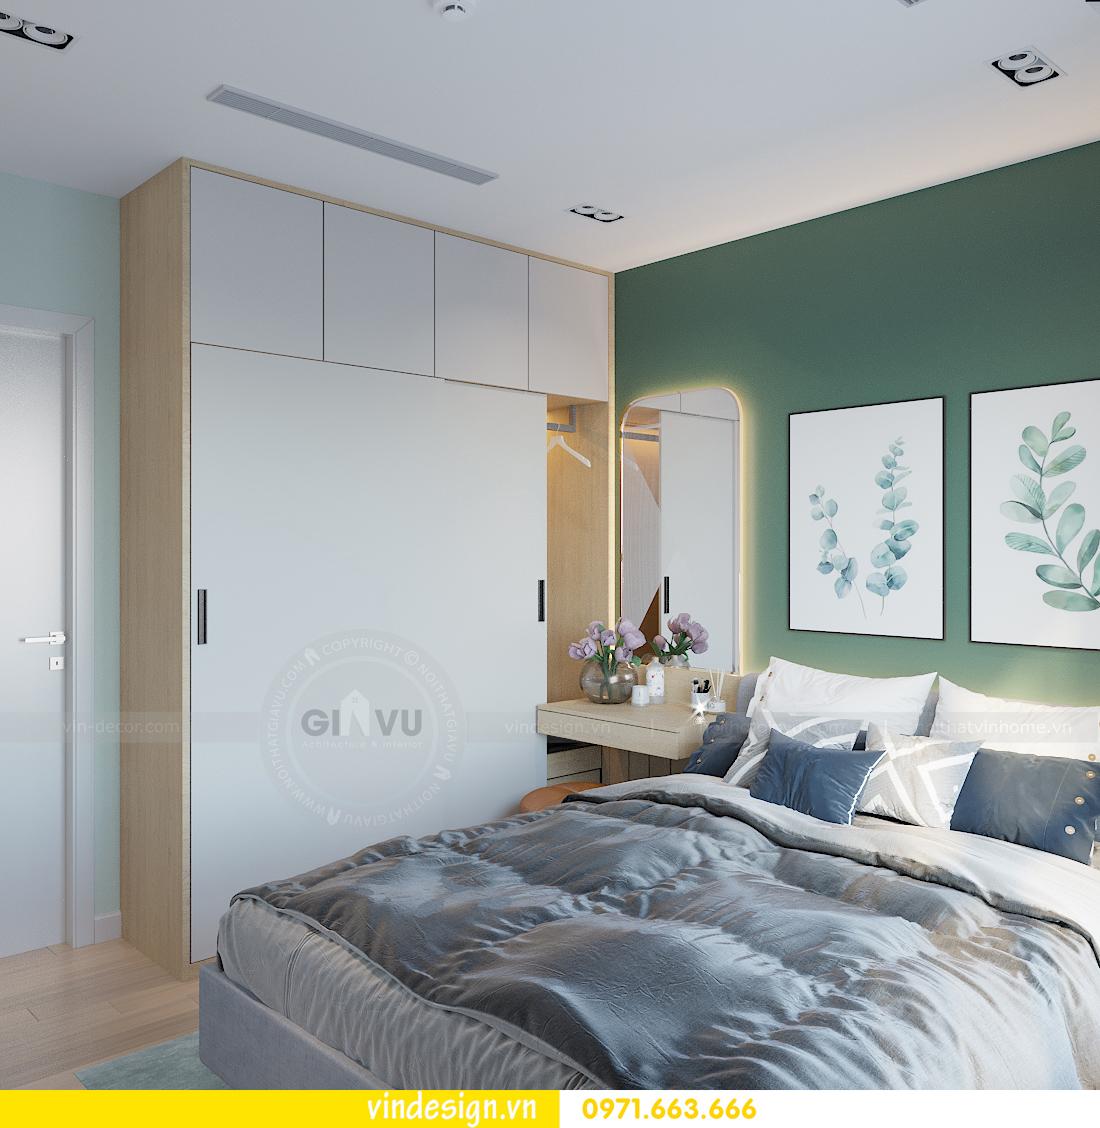 mẫu thiết kế nội thất căn hộ Smart City tòa S101 căn 11 11